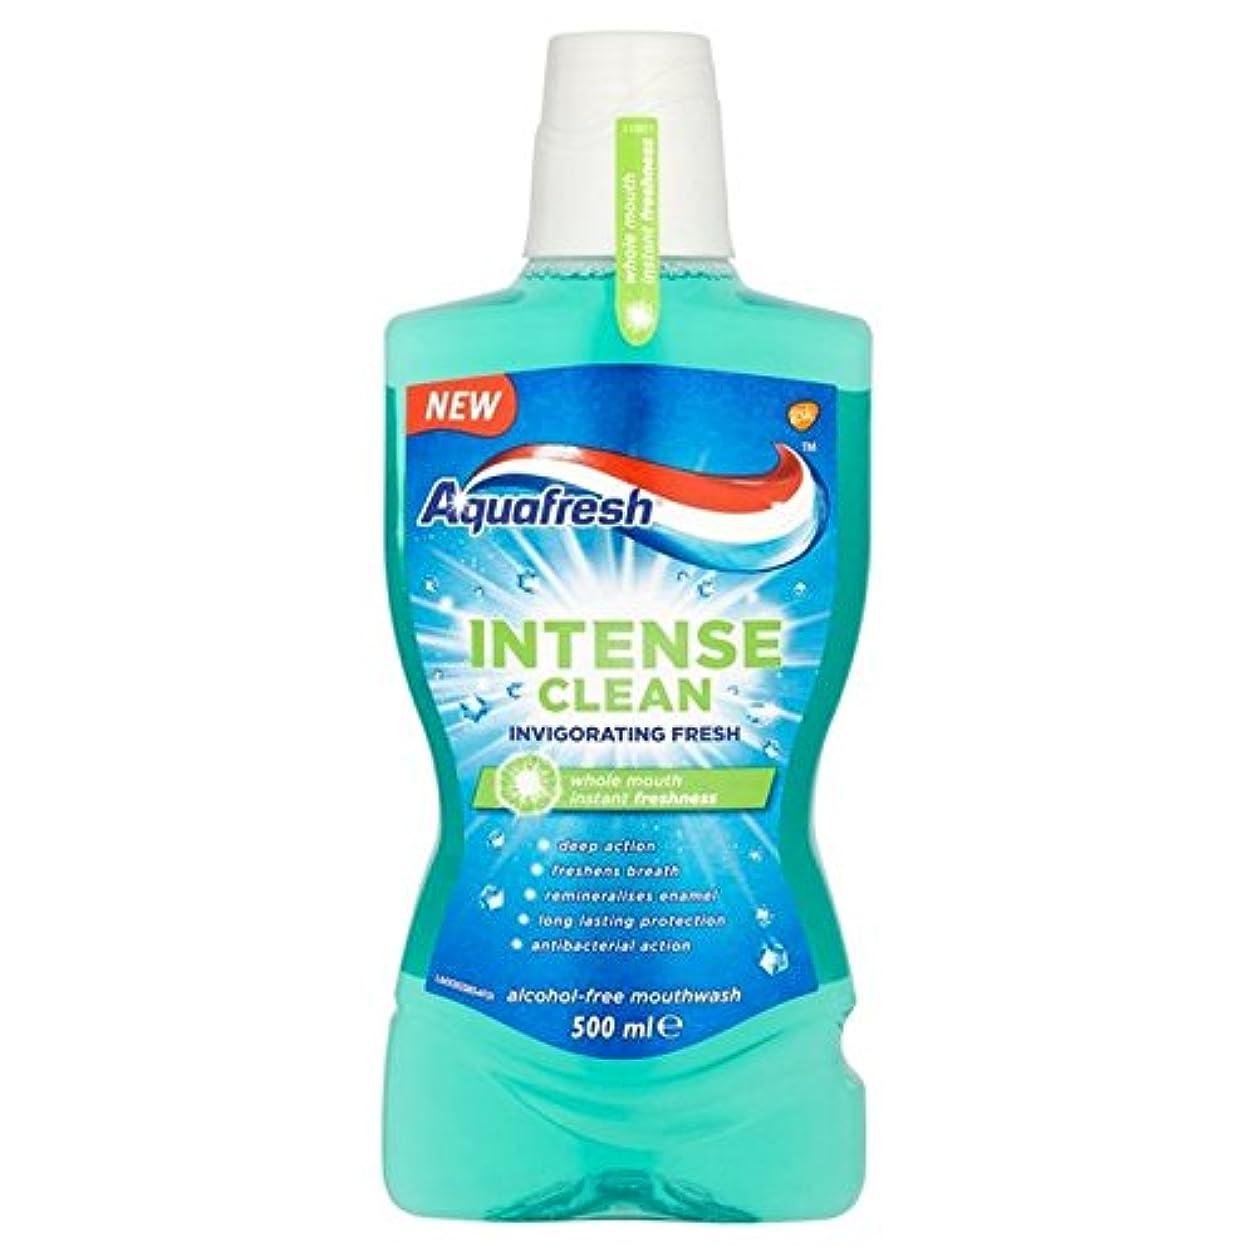 テザー避ける滅多Aquafresh Intense Clean Invigorating Wash 500ml - アクアフレッシュ強烈なきれいな爽快ウォッシュ500ミリリットル [並行輸入品]